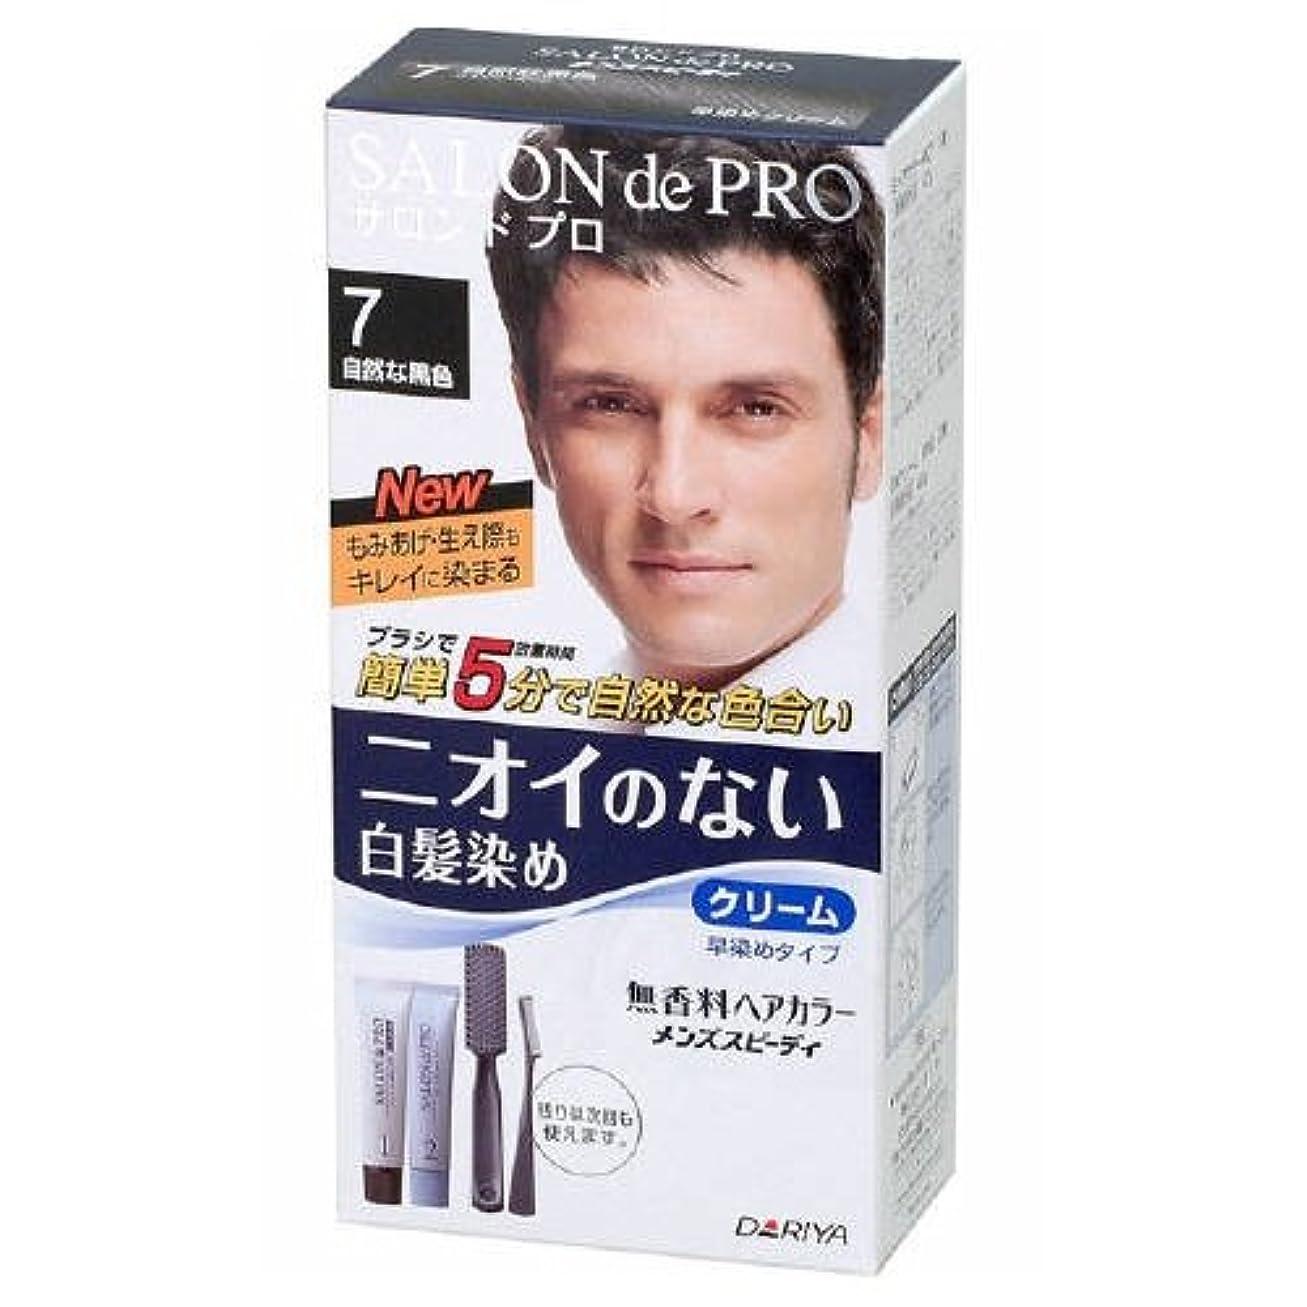 豆腐草第サロンドプロ 無香料ヘアカラー メンズスピーディ(自然な黒色)